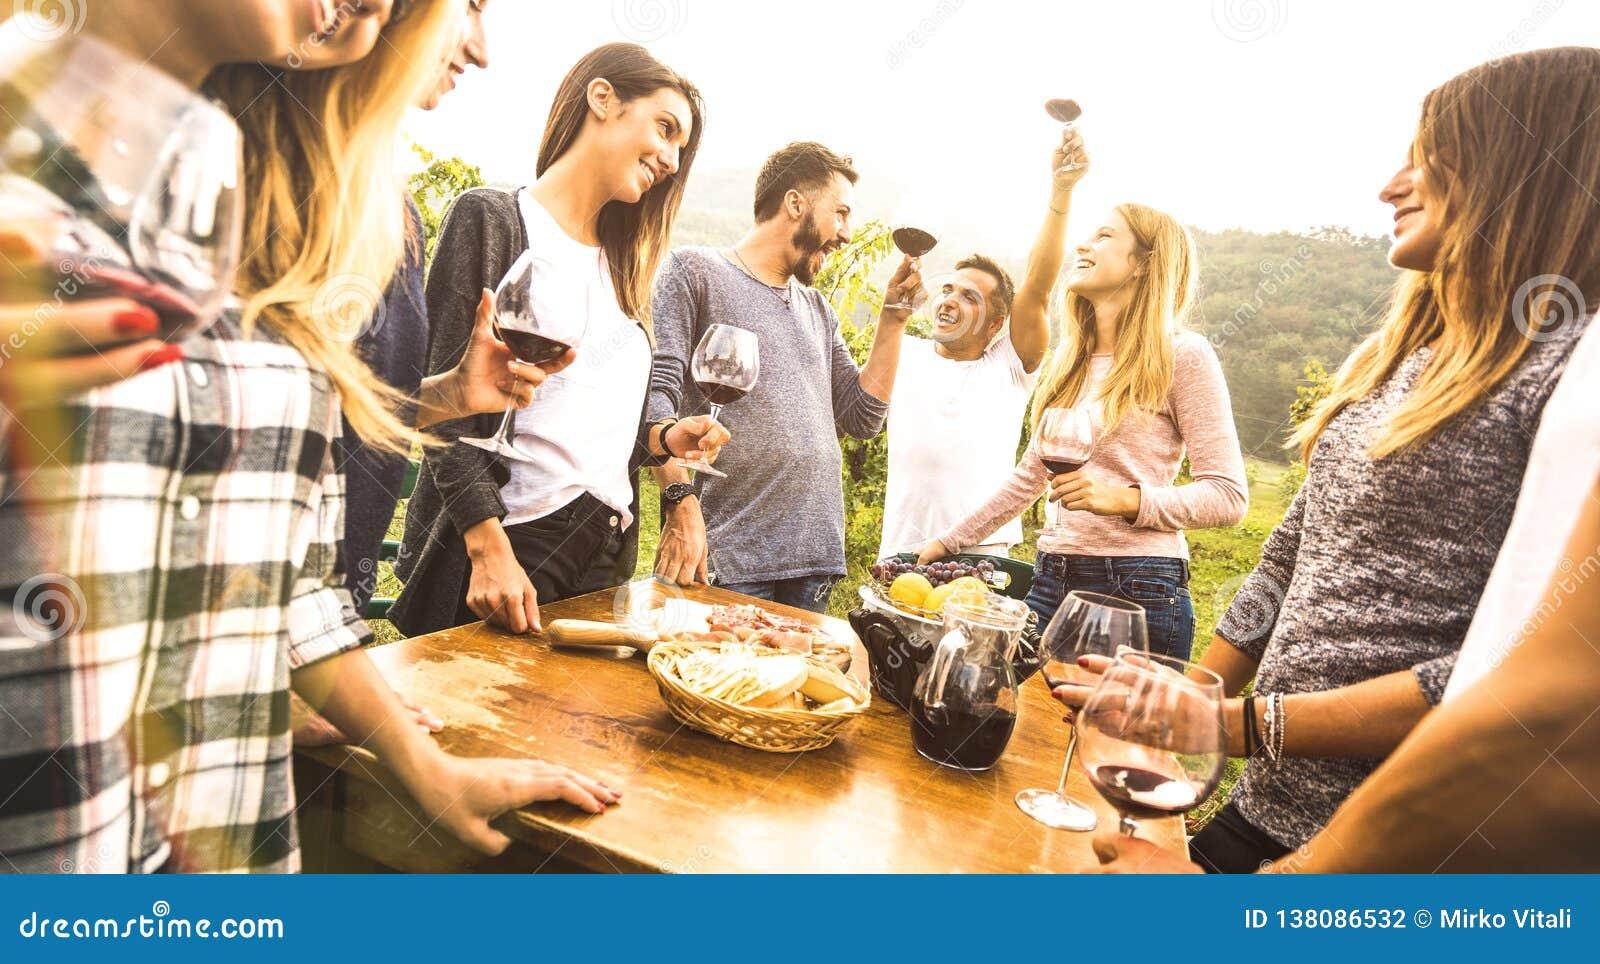 Millenial-Freunde, welche die Spaßzeit trinkt Rotwein oudoors - glückliche, haben fantastische Leute, die Ernte an der Bauernhaus